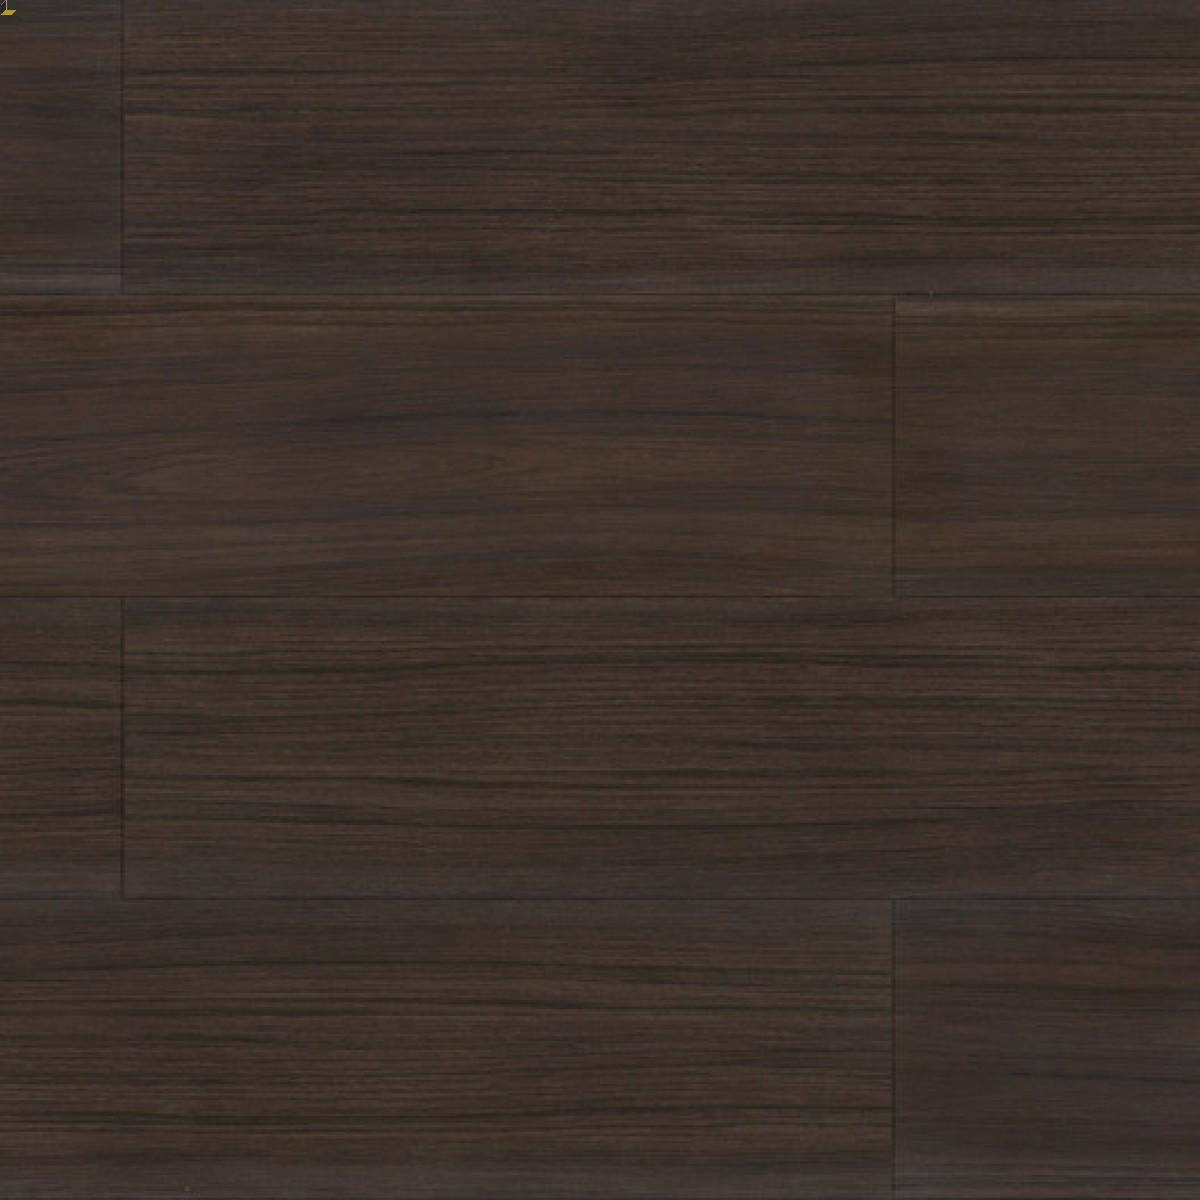 Виниловая Доска LG Deco Tile DLW 1235 Тик темный